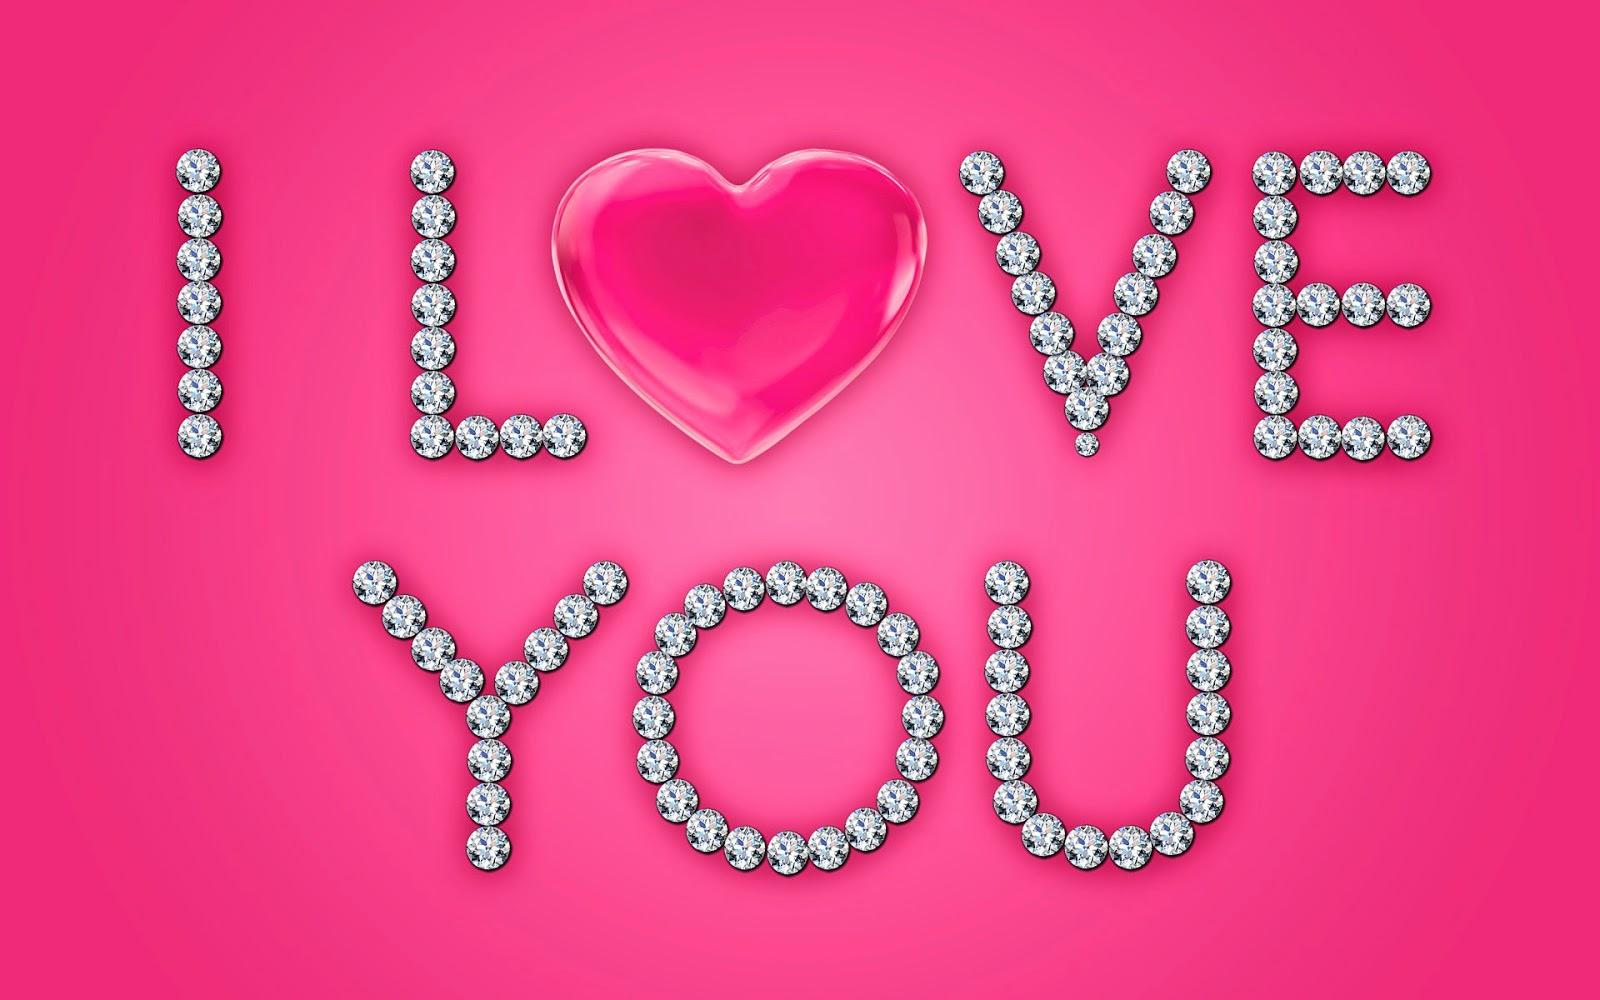 Roze liefdes achtergrond met diamanten